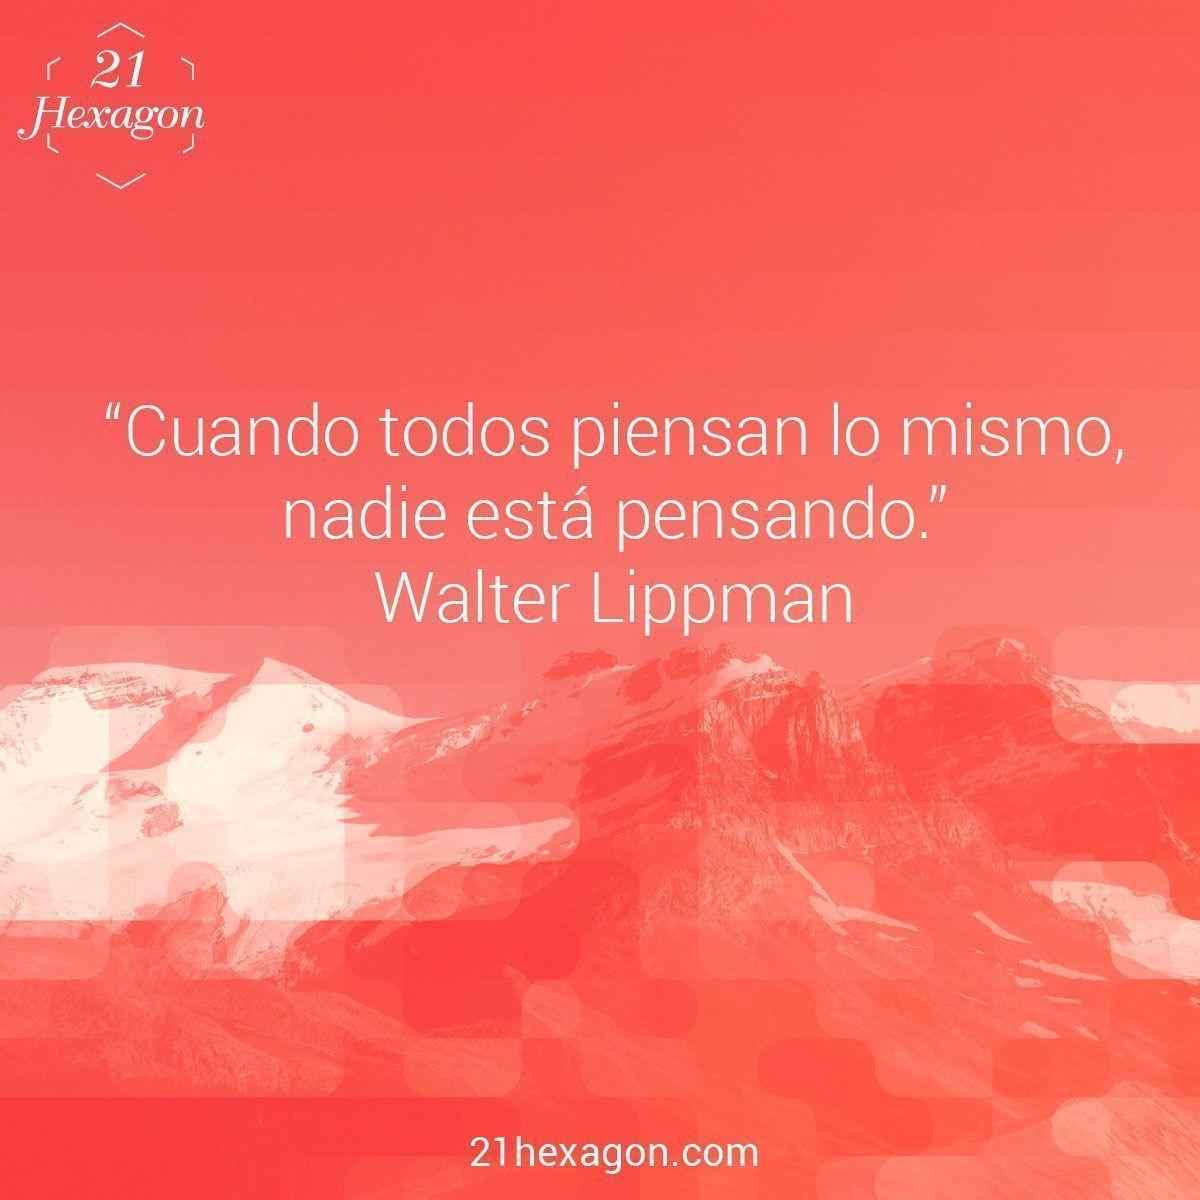 quotes_21hexagon_32.jpg